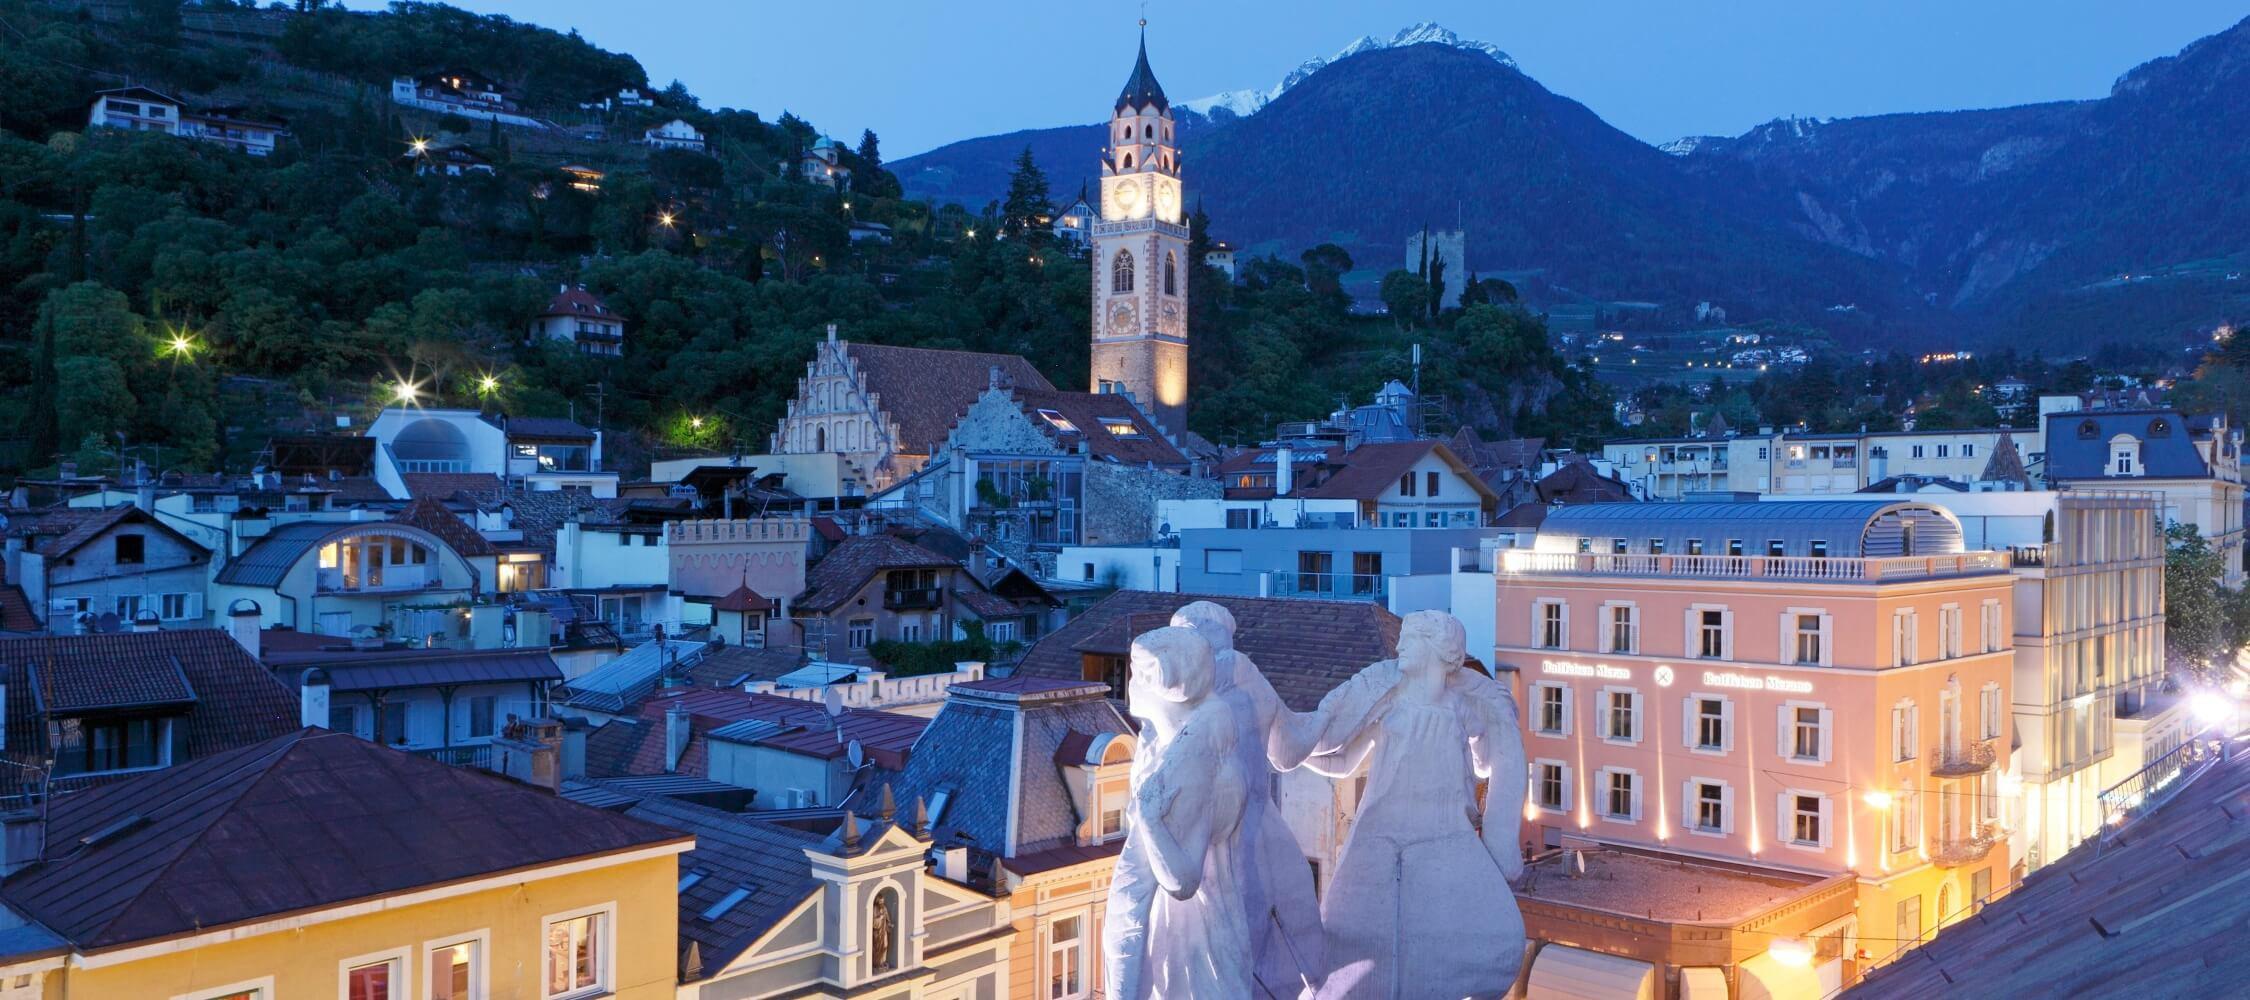 Italien-Trentino_Suedtirol_Alto_Adige_Merano_Meran_Besichtigen_Kultur_Altstadt_Kurhaus_Abend_Nacht_MGM-Frieder-Blickle_mgm00632frbl_2250x1000